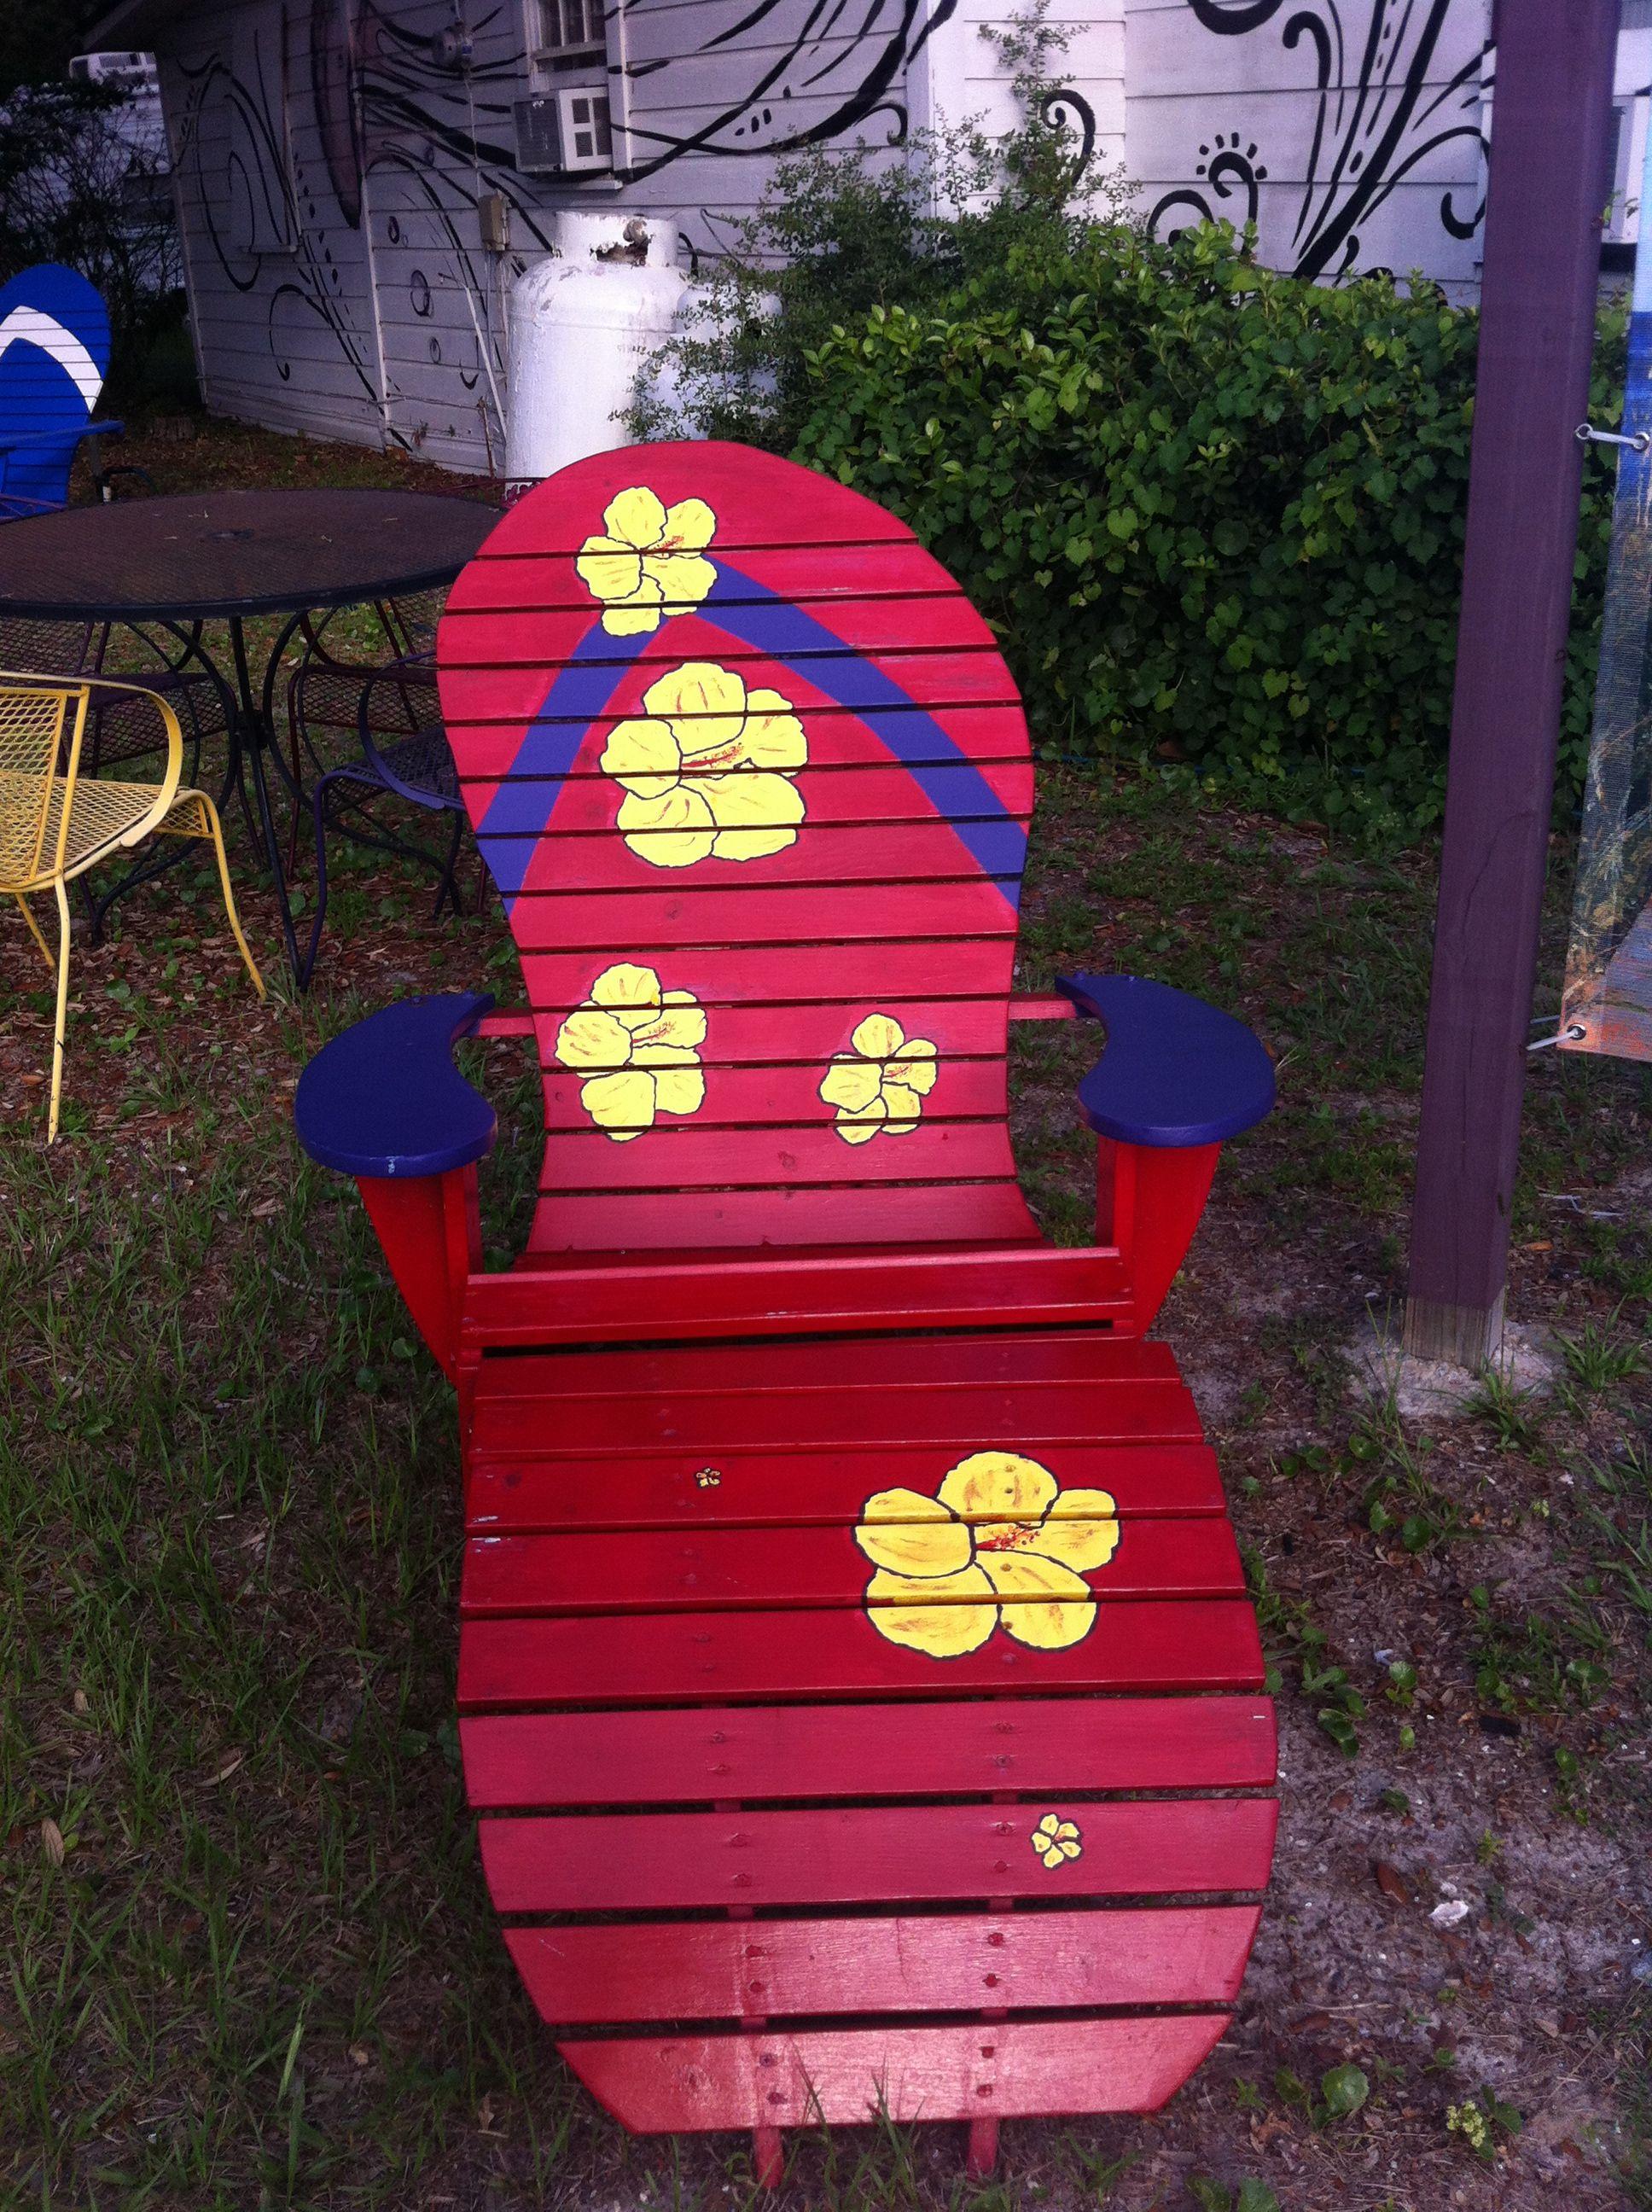 Flip Flop Chair Tall Garden Chairs Cute Red Yard Art Pinterest